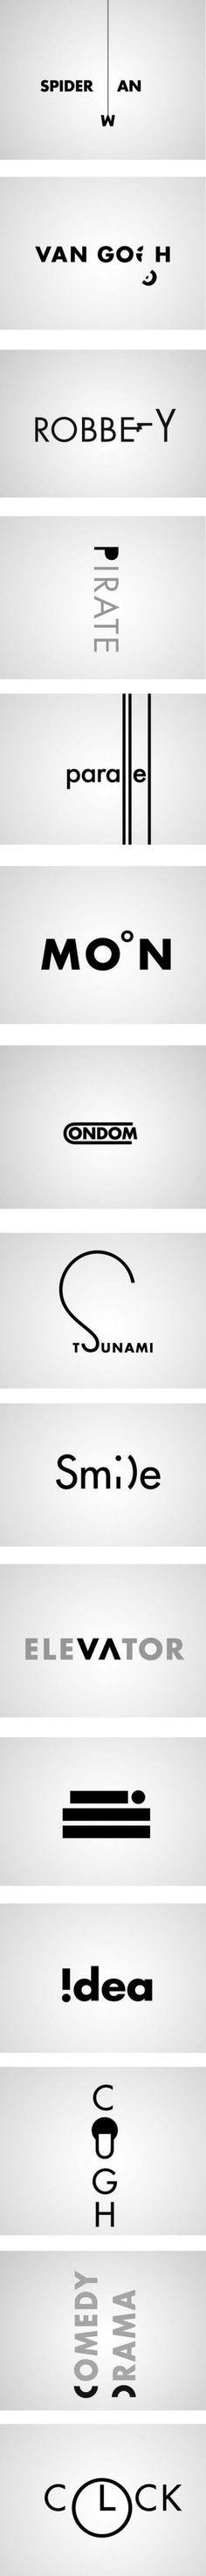 Logos Tipográficos Más